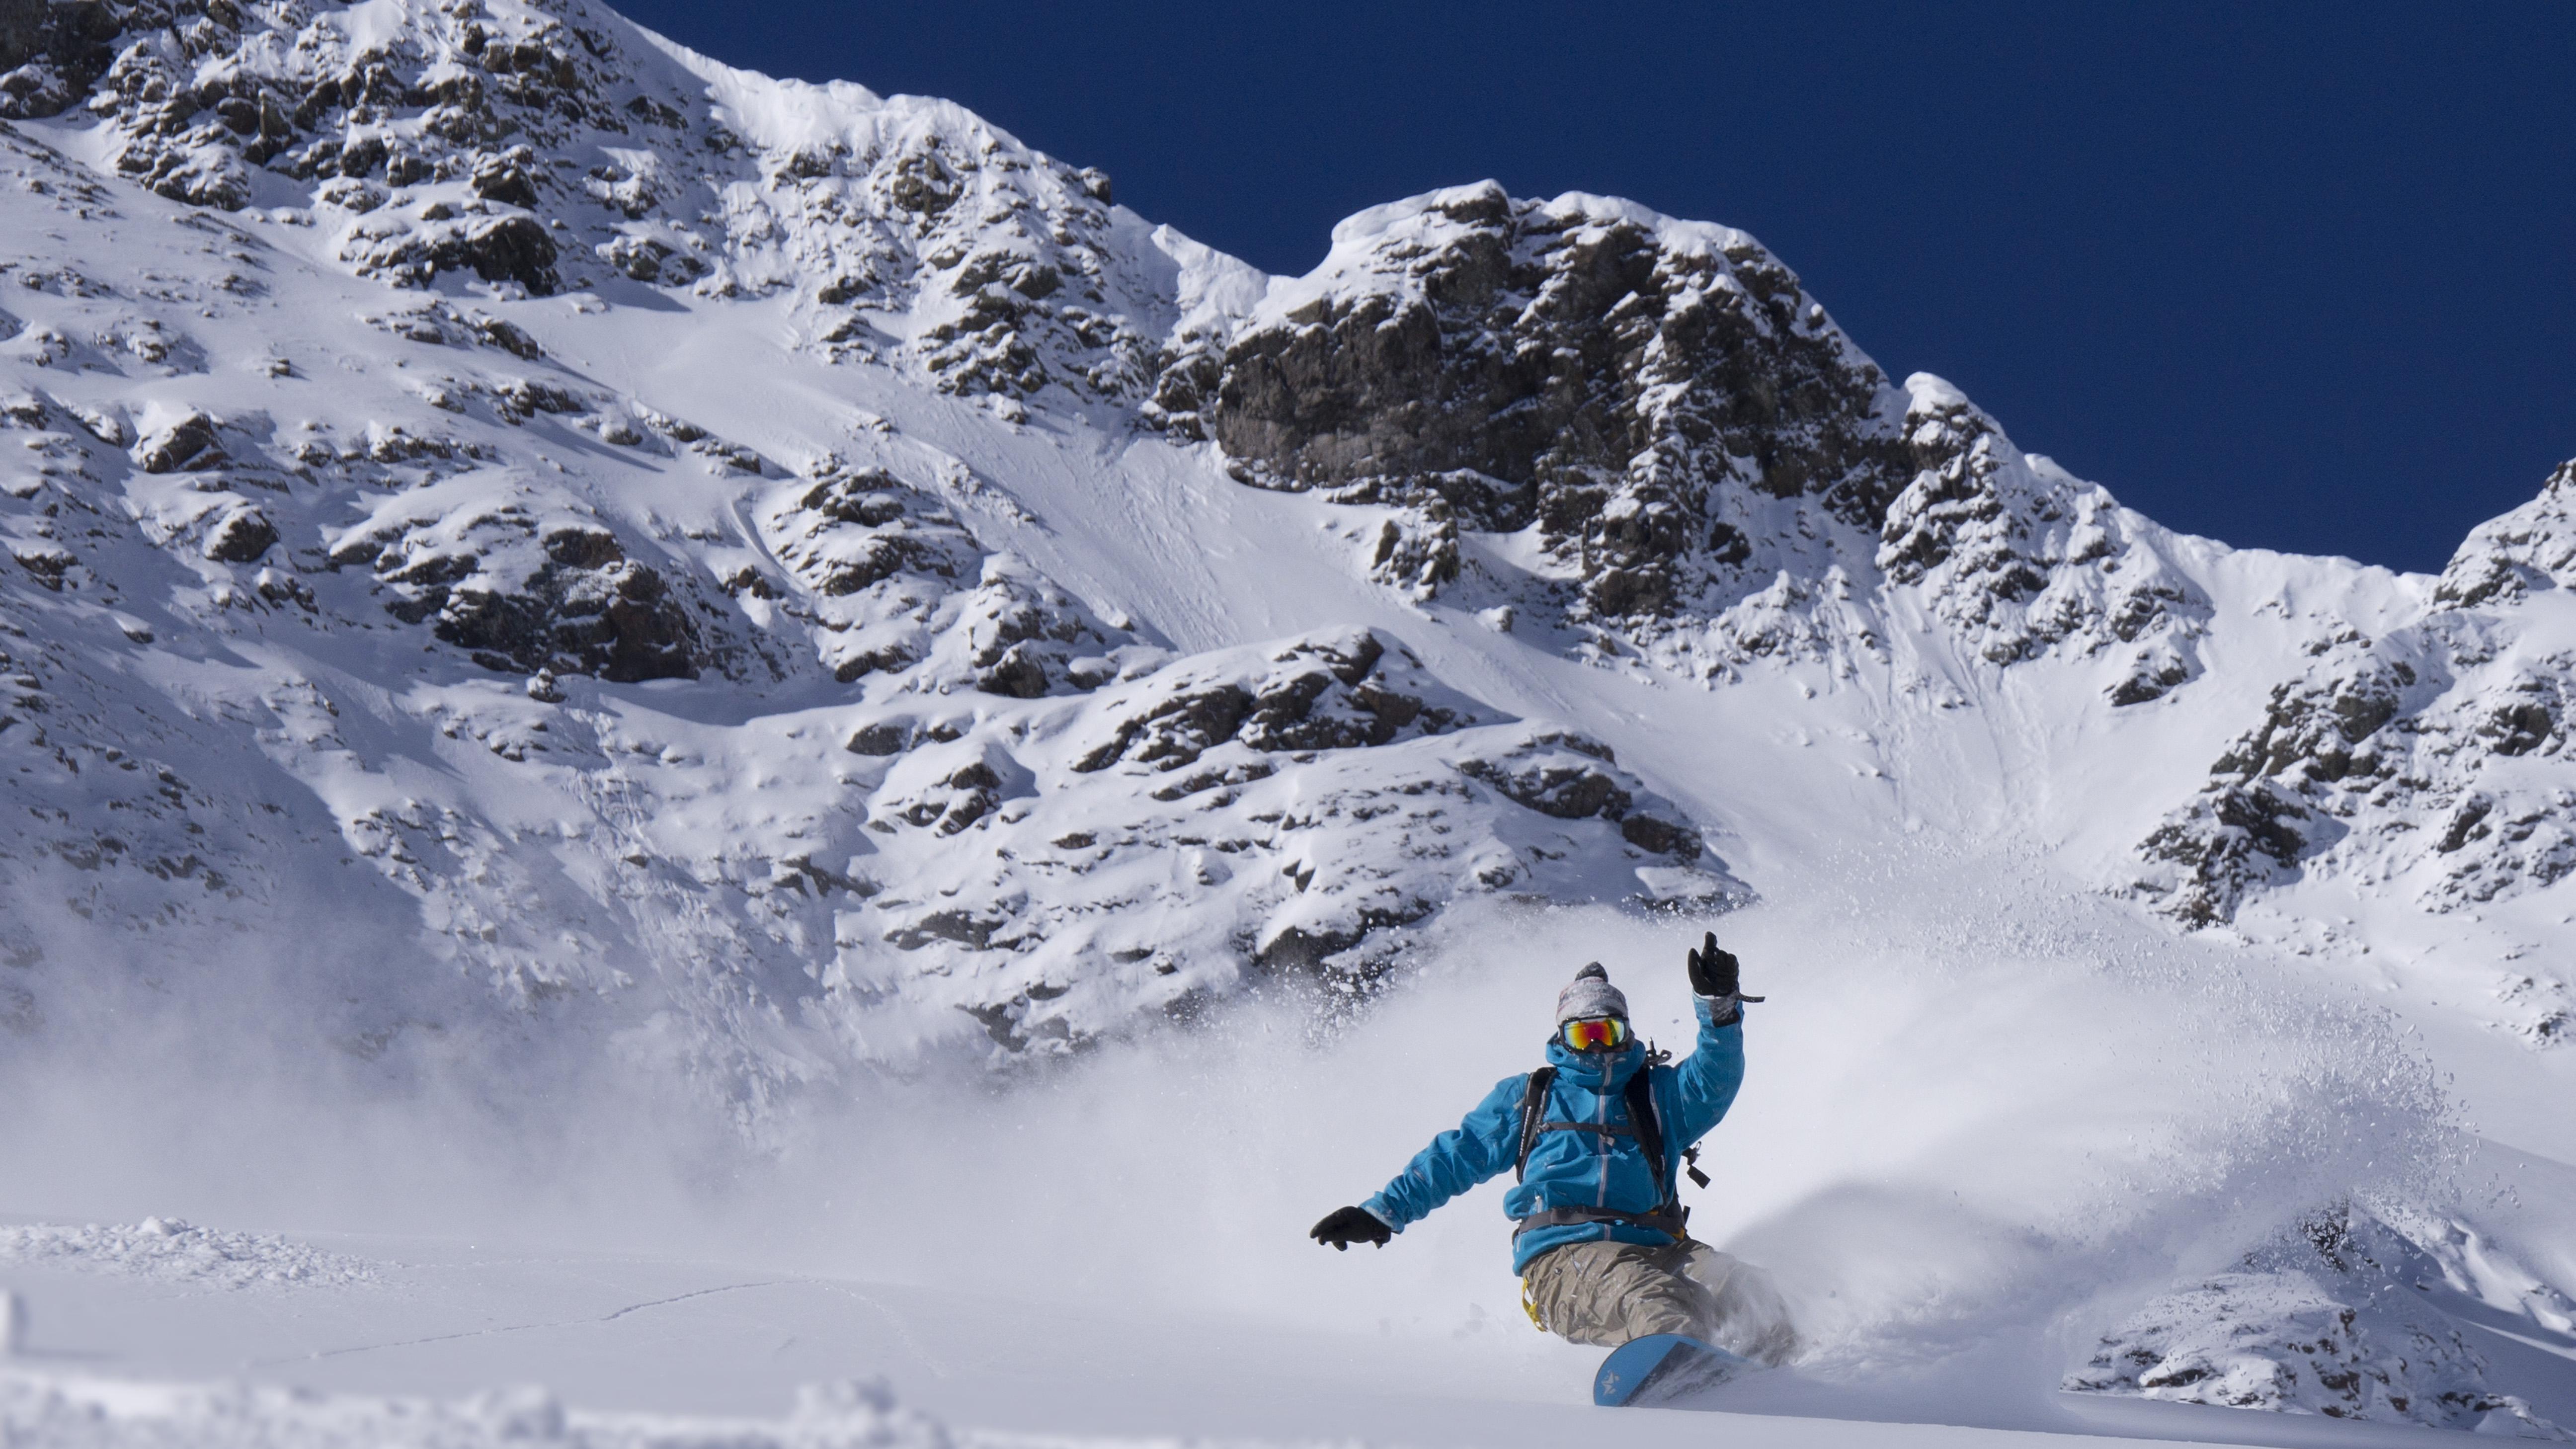 resort review: silverton mountain colorado an exhilarating